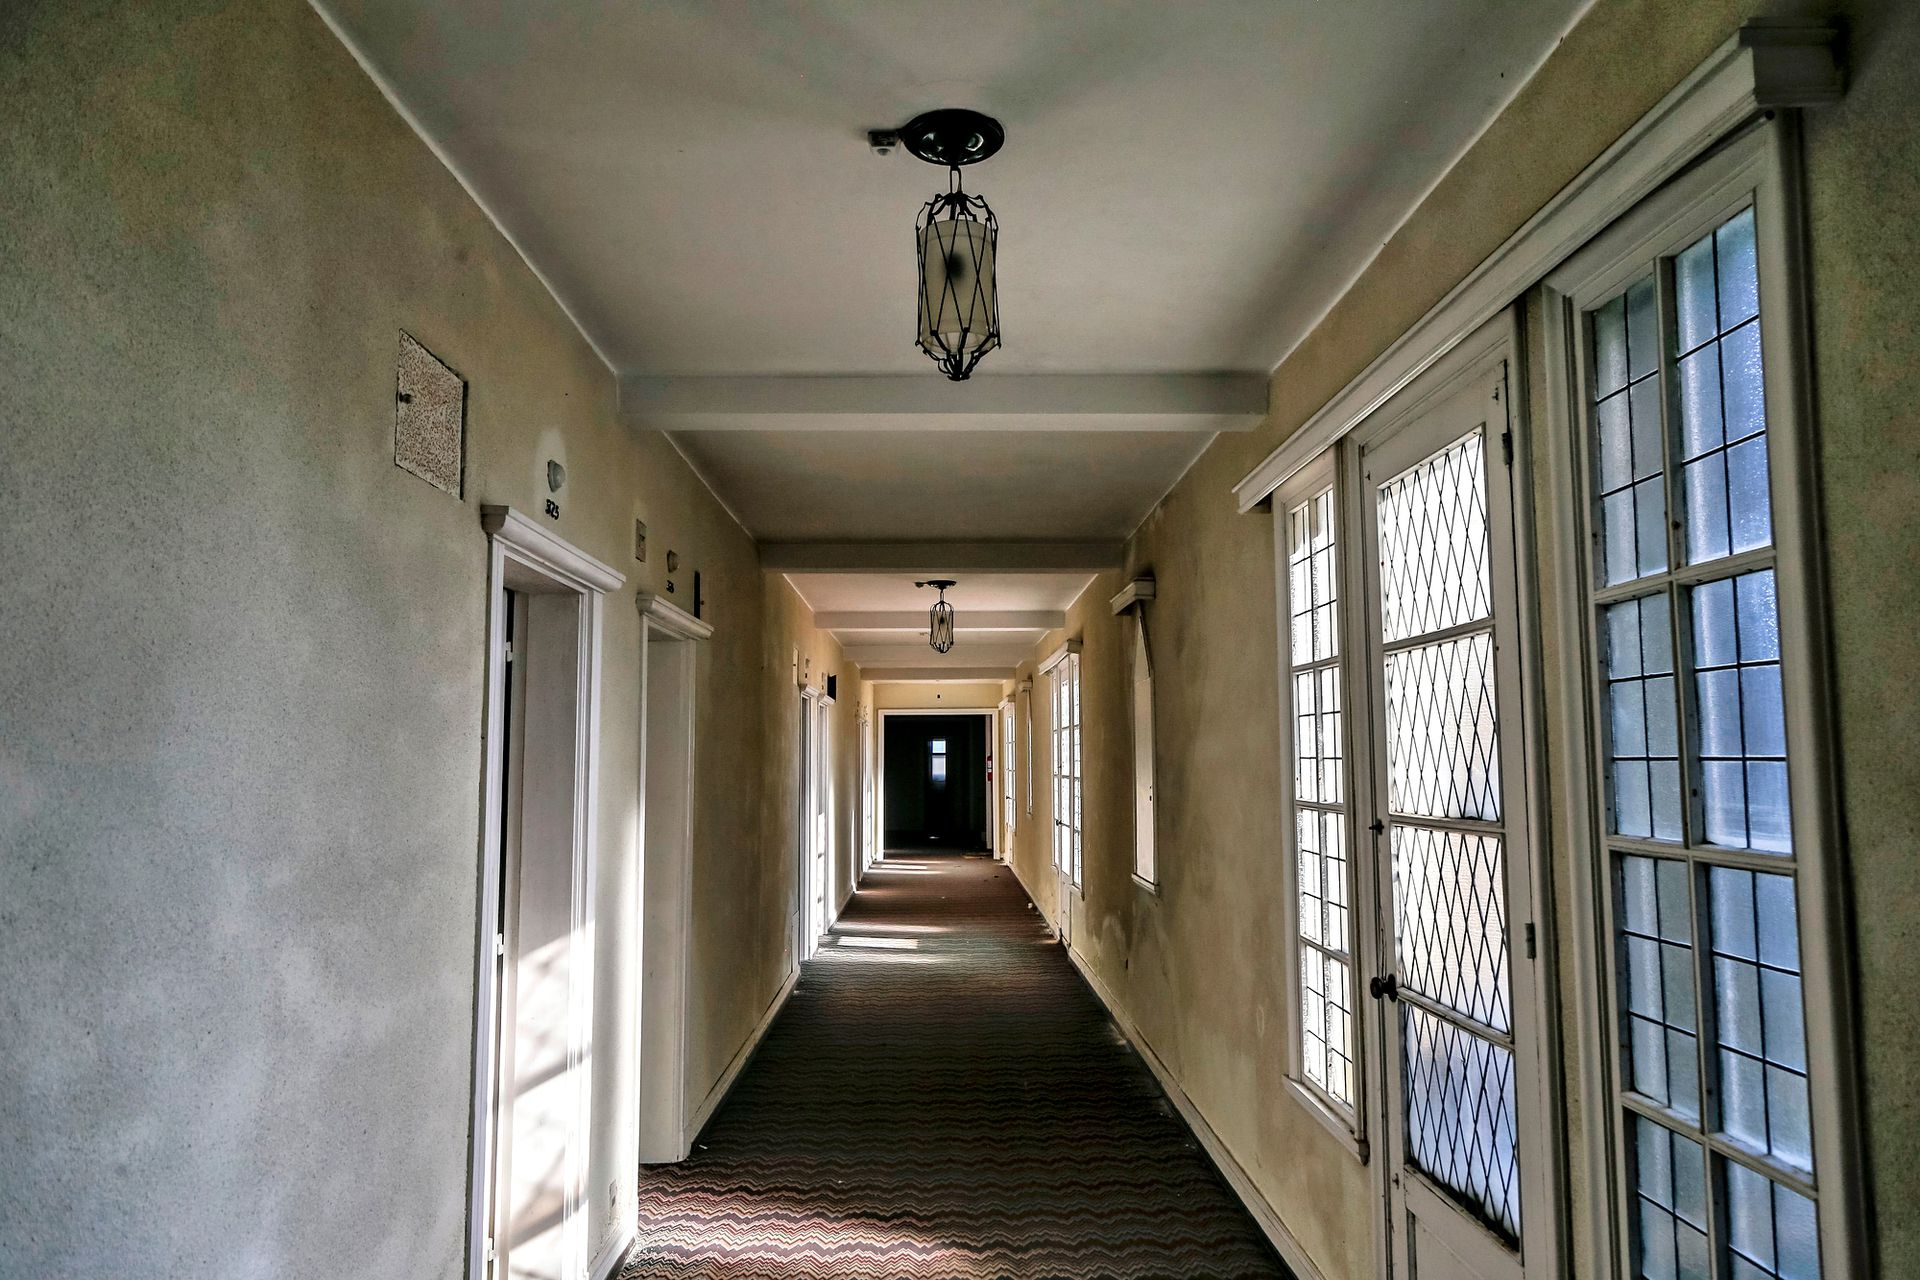 El hotel contaba con 150 cuartos que se comunicaban entre sí para formar apartamentos de dos o más habitaciones